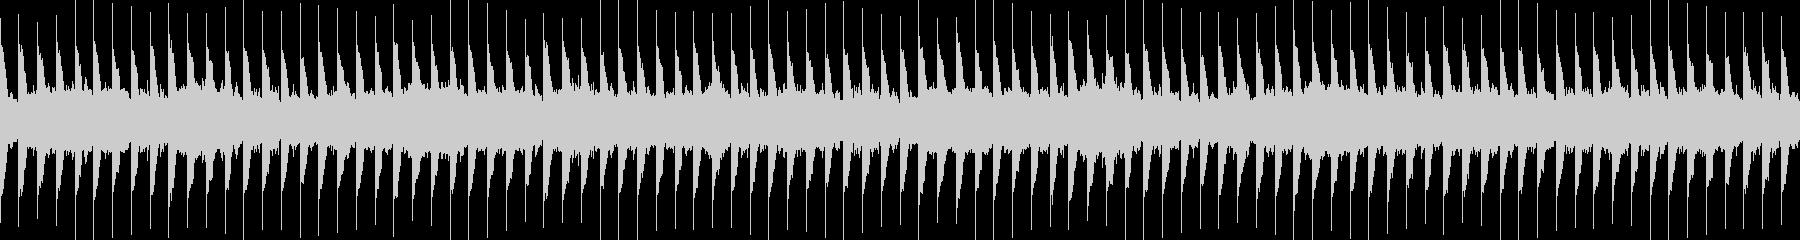 盛り上がり EDM パリピ ホストの未再生の波形